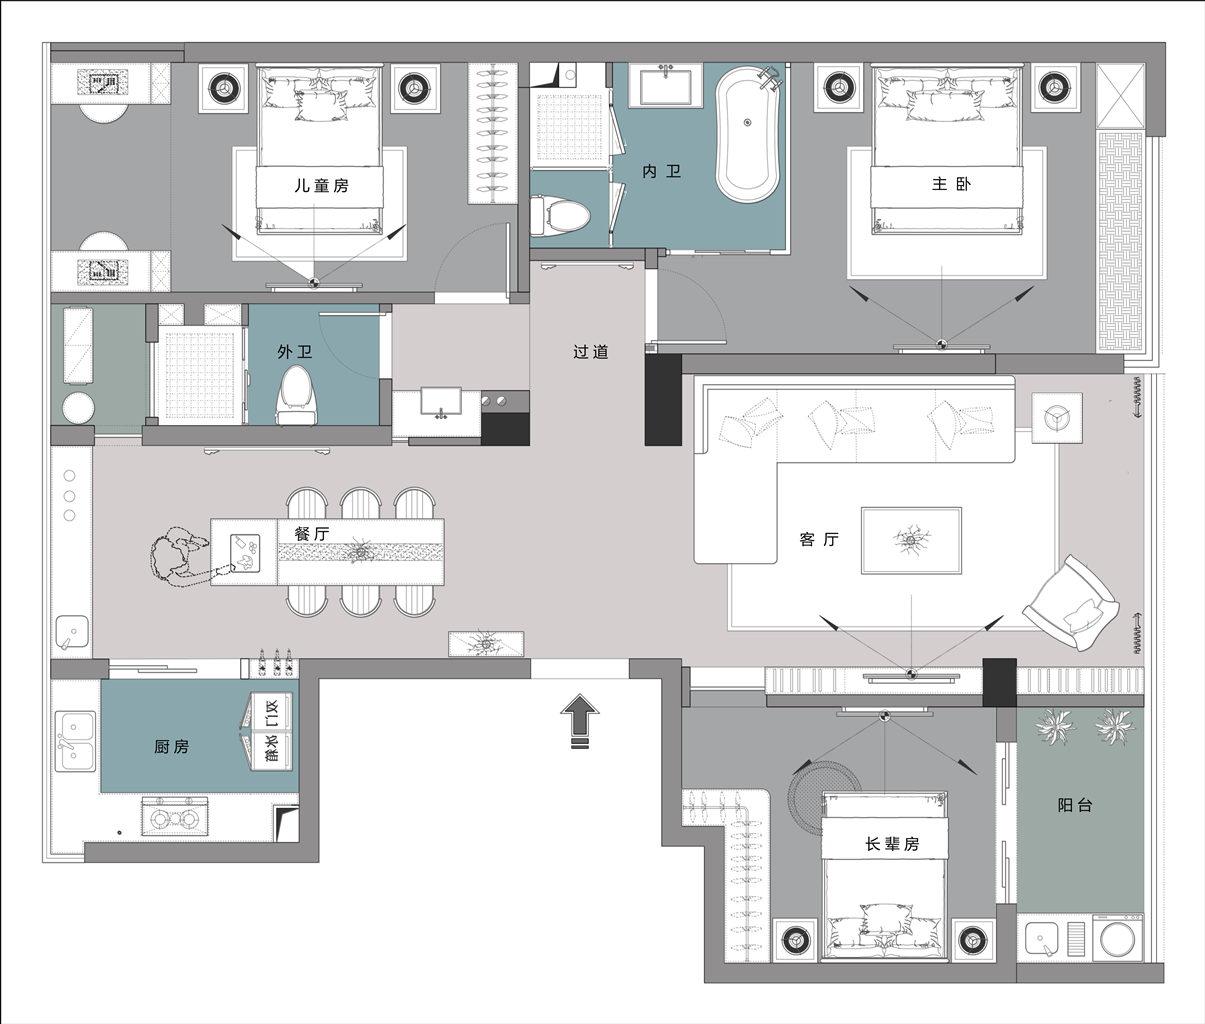 兰溪绿城兰园-140m²-现代风格装修设计理念